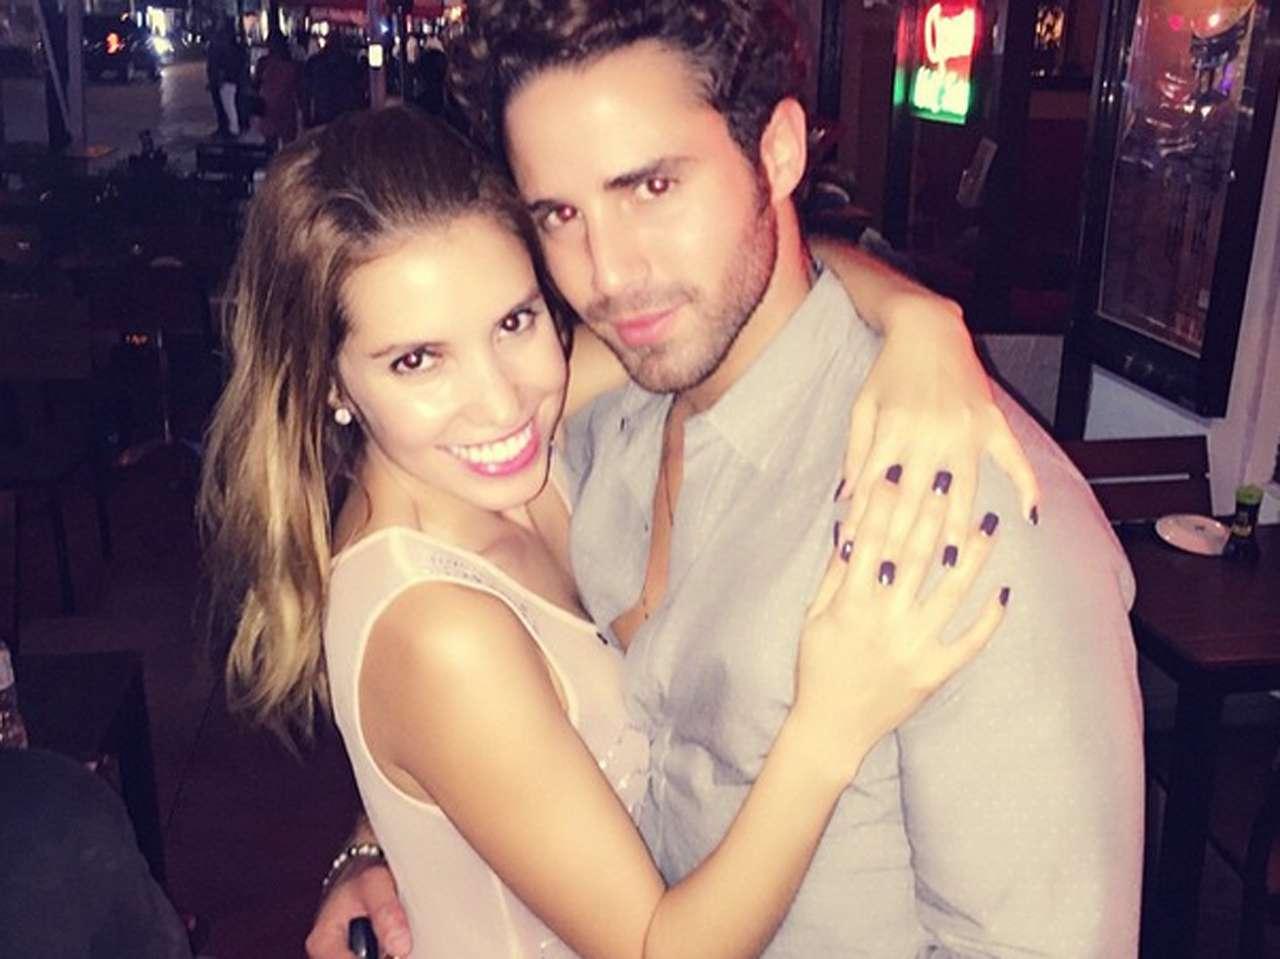 La conductora de televisión Andrea Escalona parece estar muy enamorada del actor Román Cámara. Foto: Instagram.com/andy_escalona